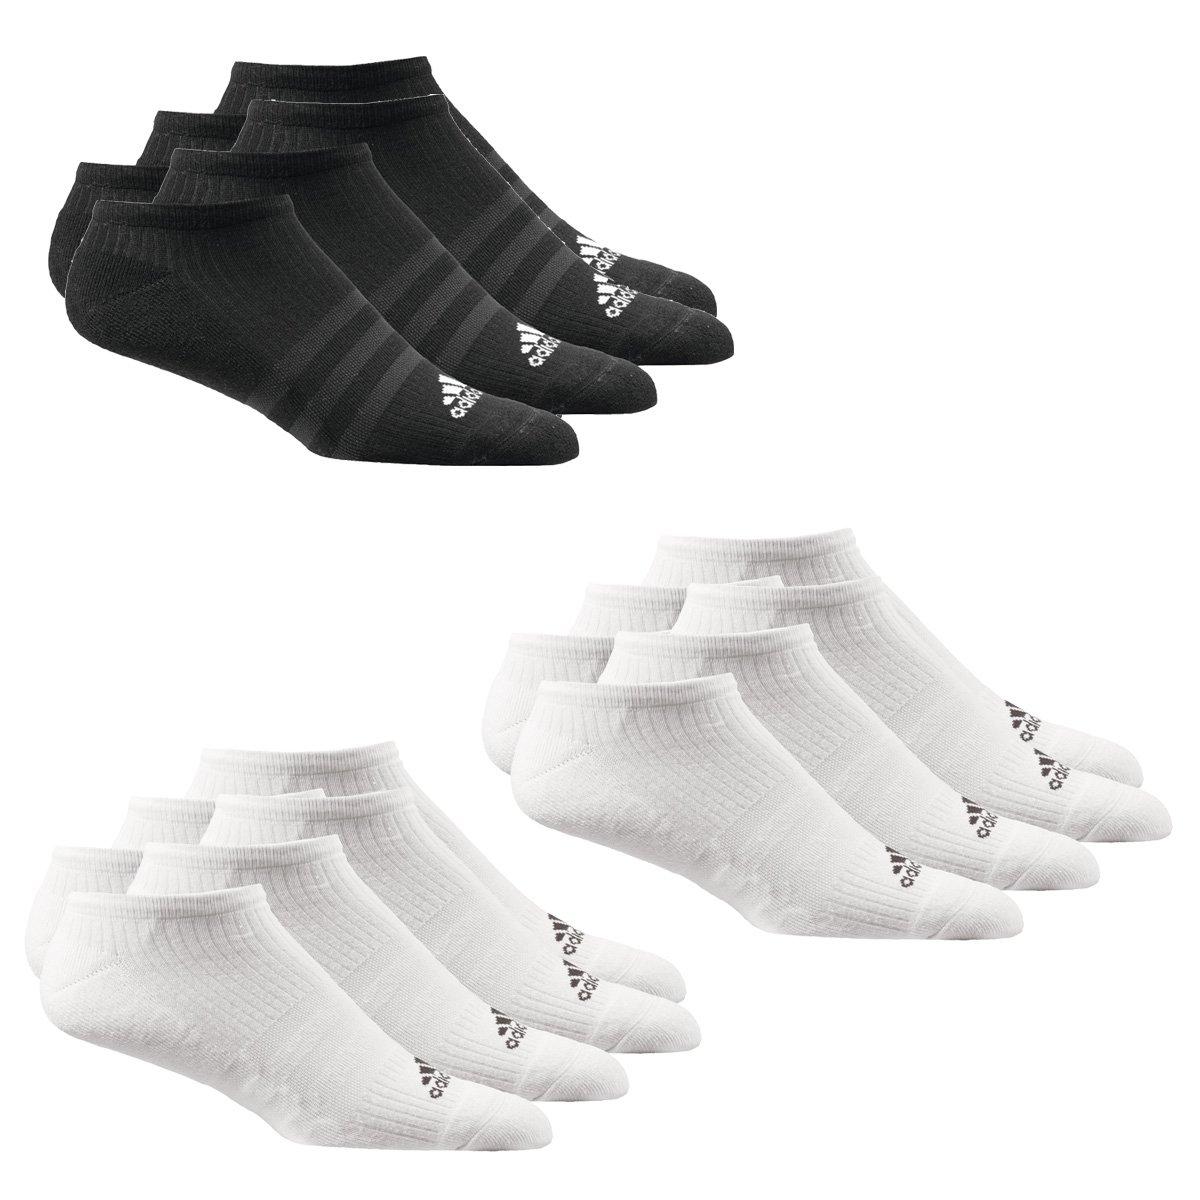 9 Paar adidas Sneakersocken NoShow 6 Paar Weiß + 3 Paar Schwarz in Größe 43-46 (L)